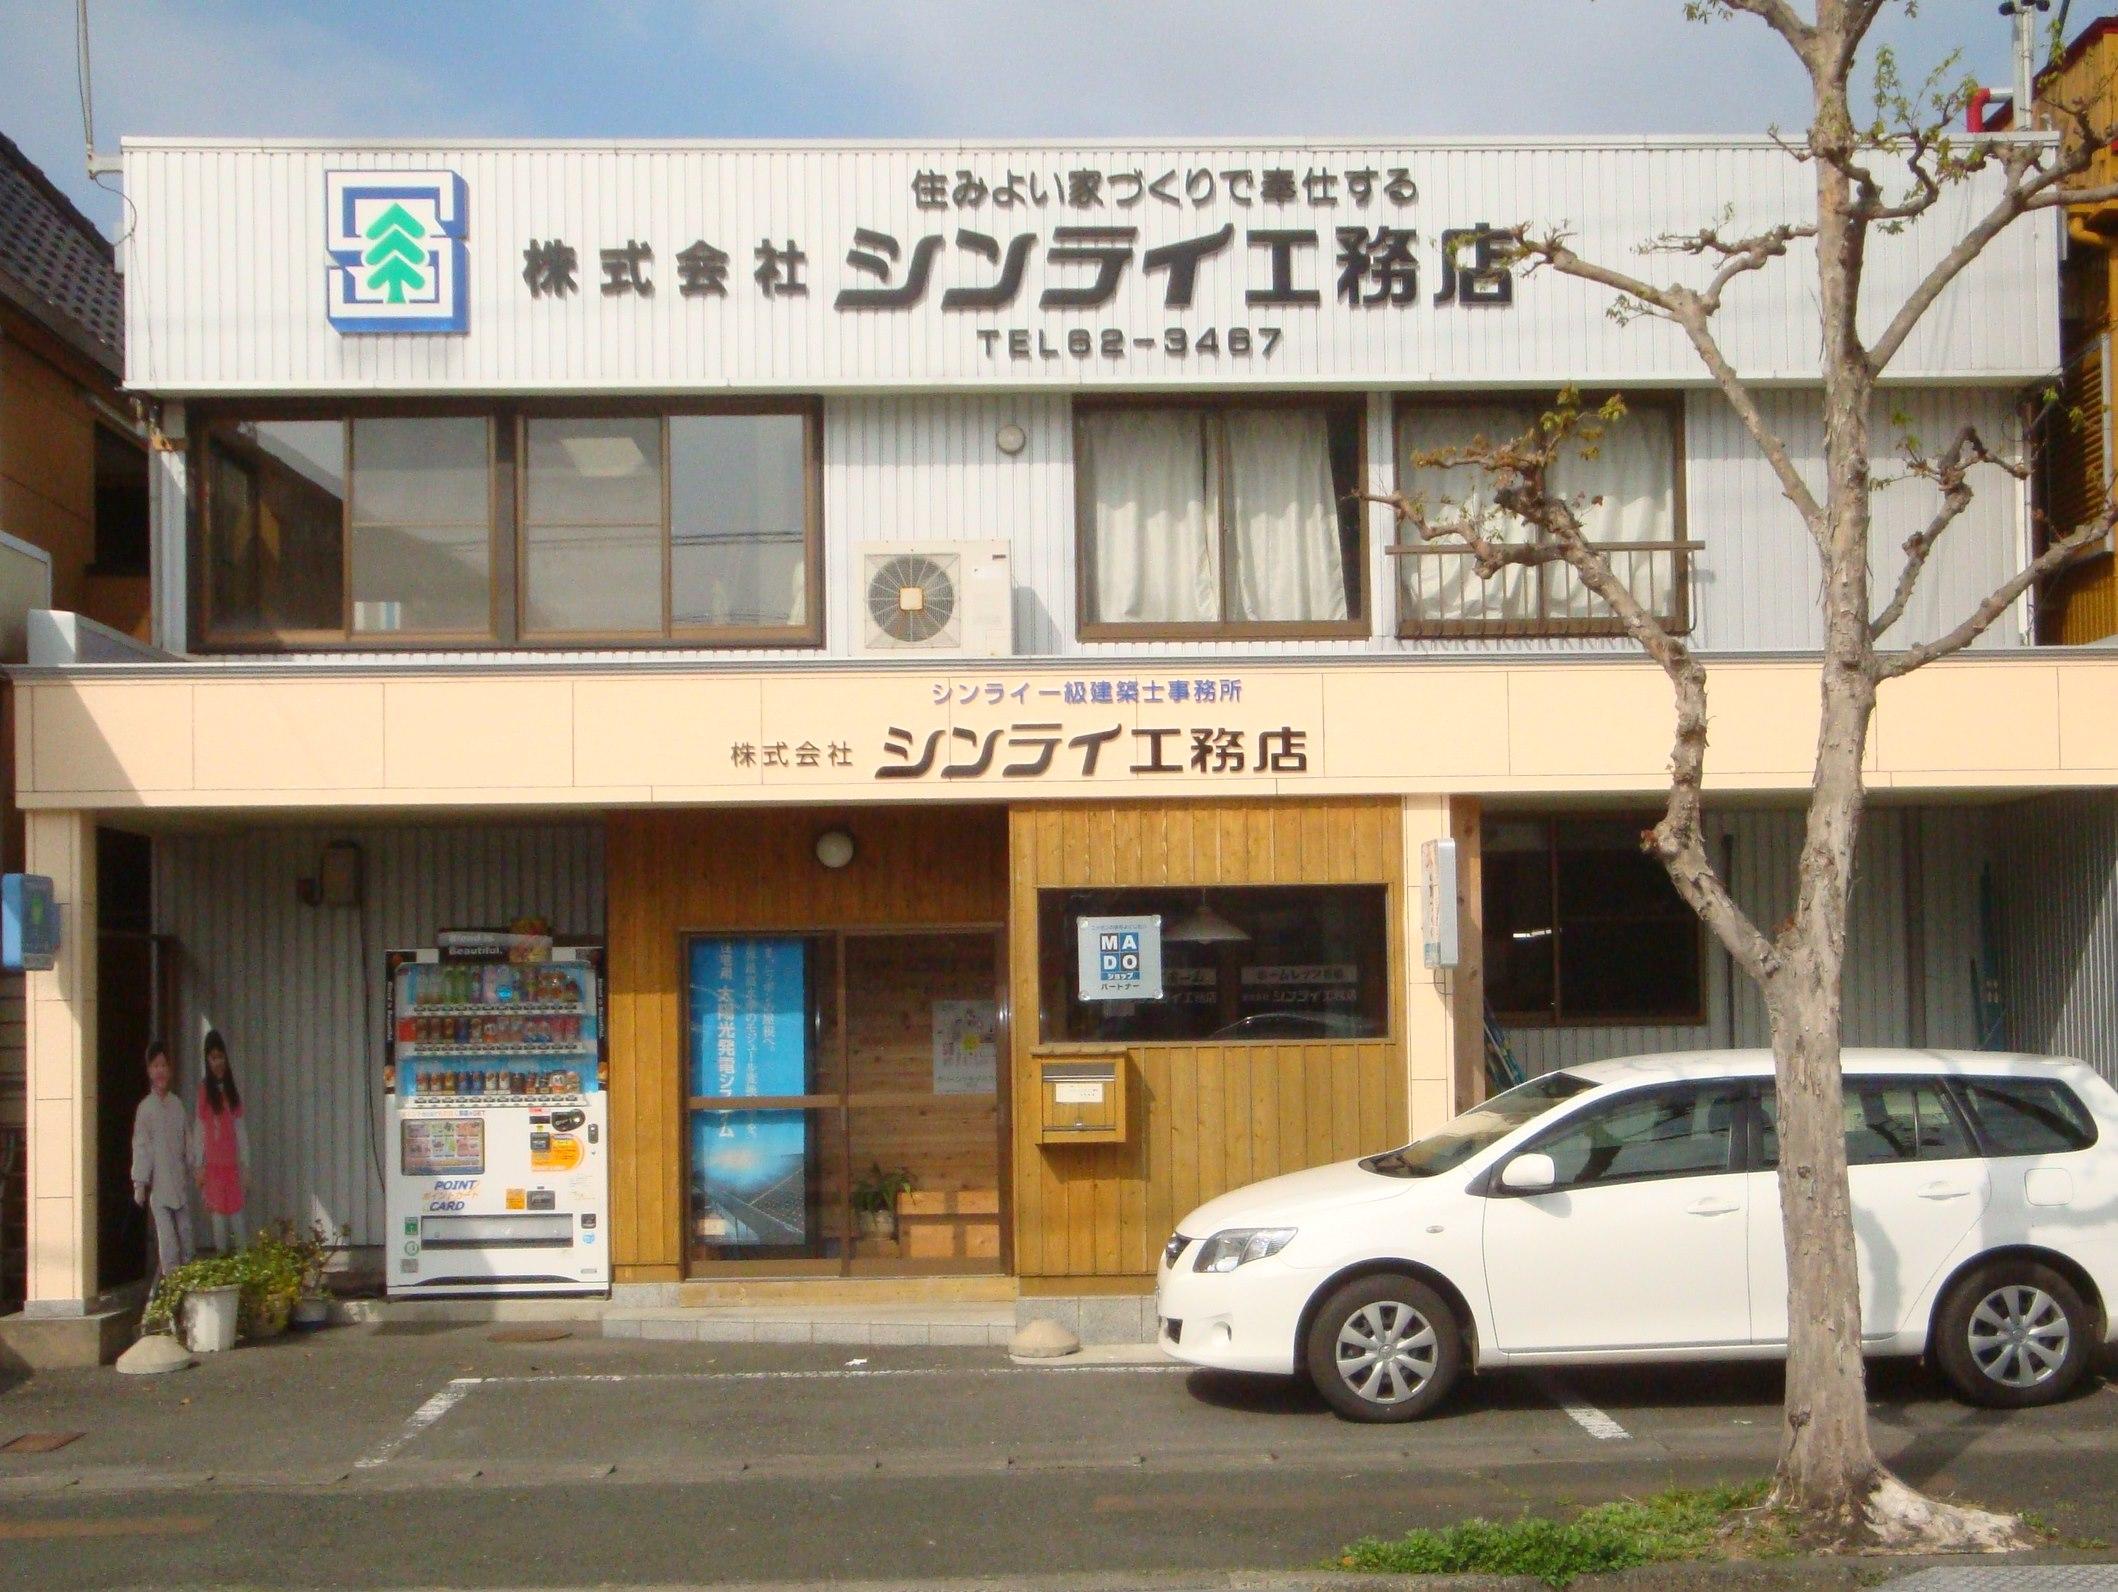 株式会社シンライ工務店(愛知県豊橋市)の店舗イメージ